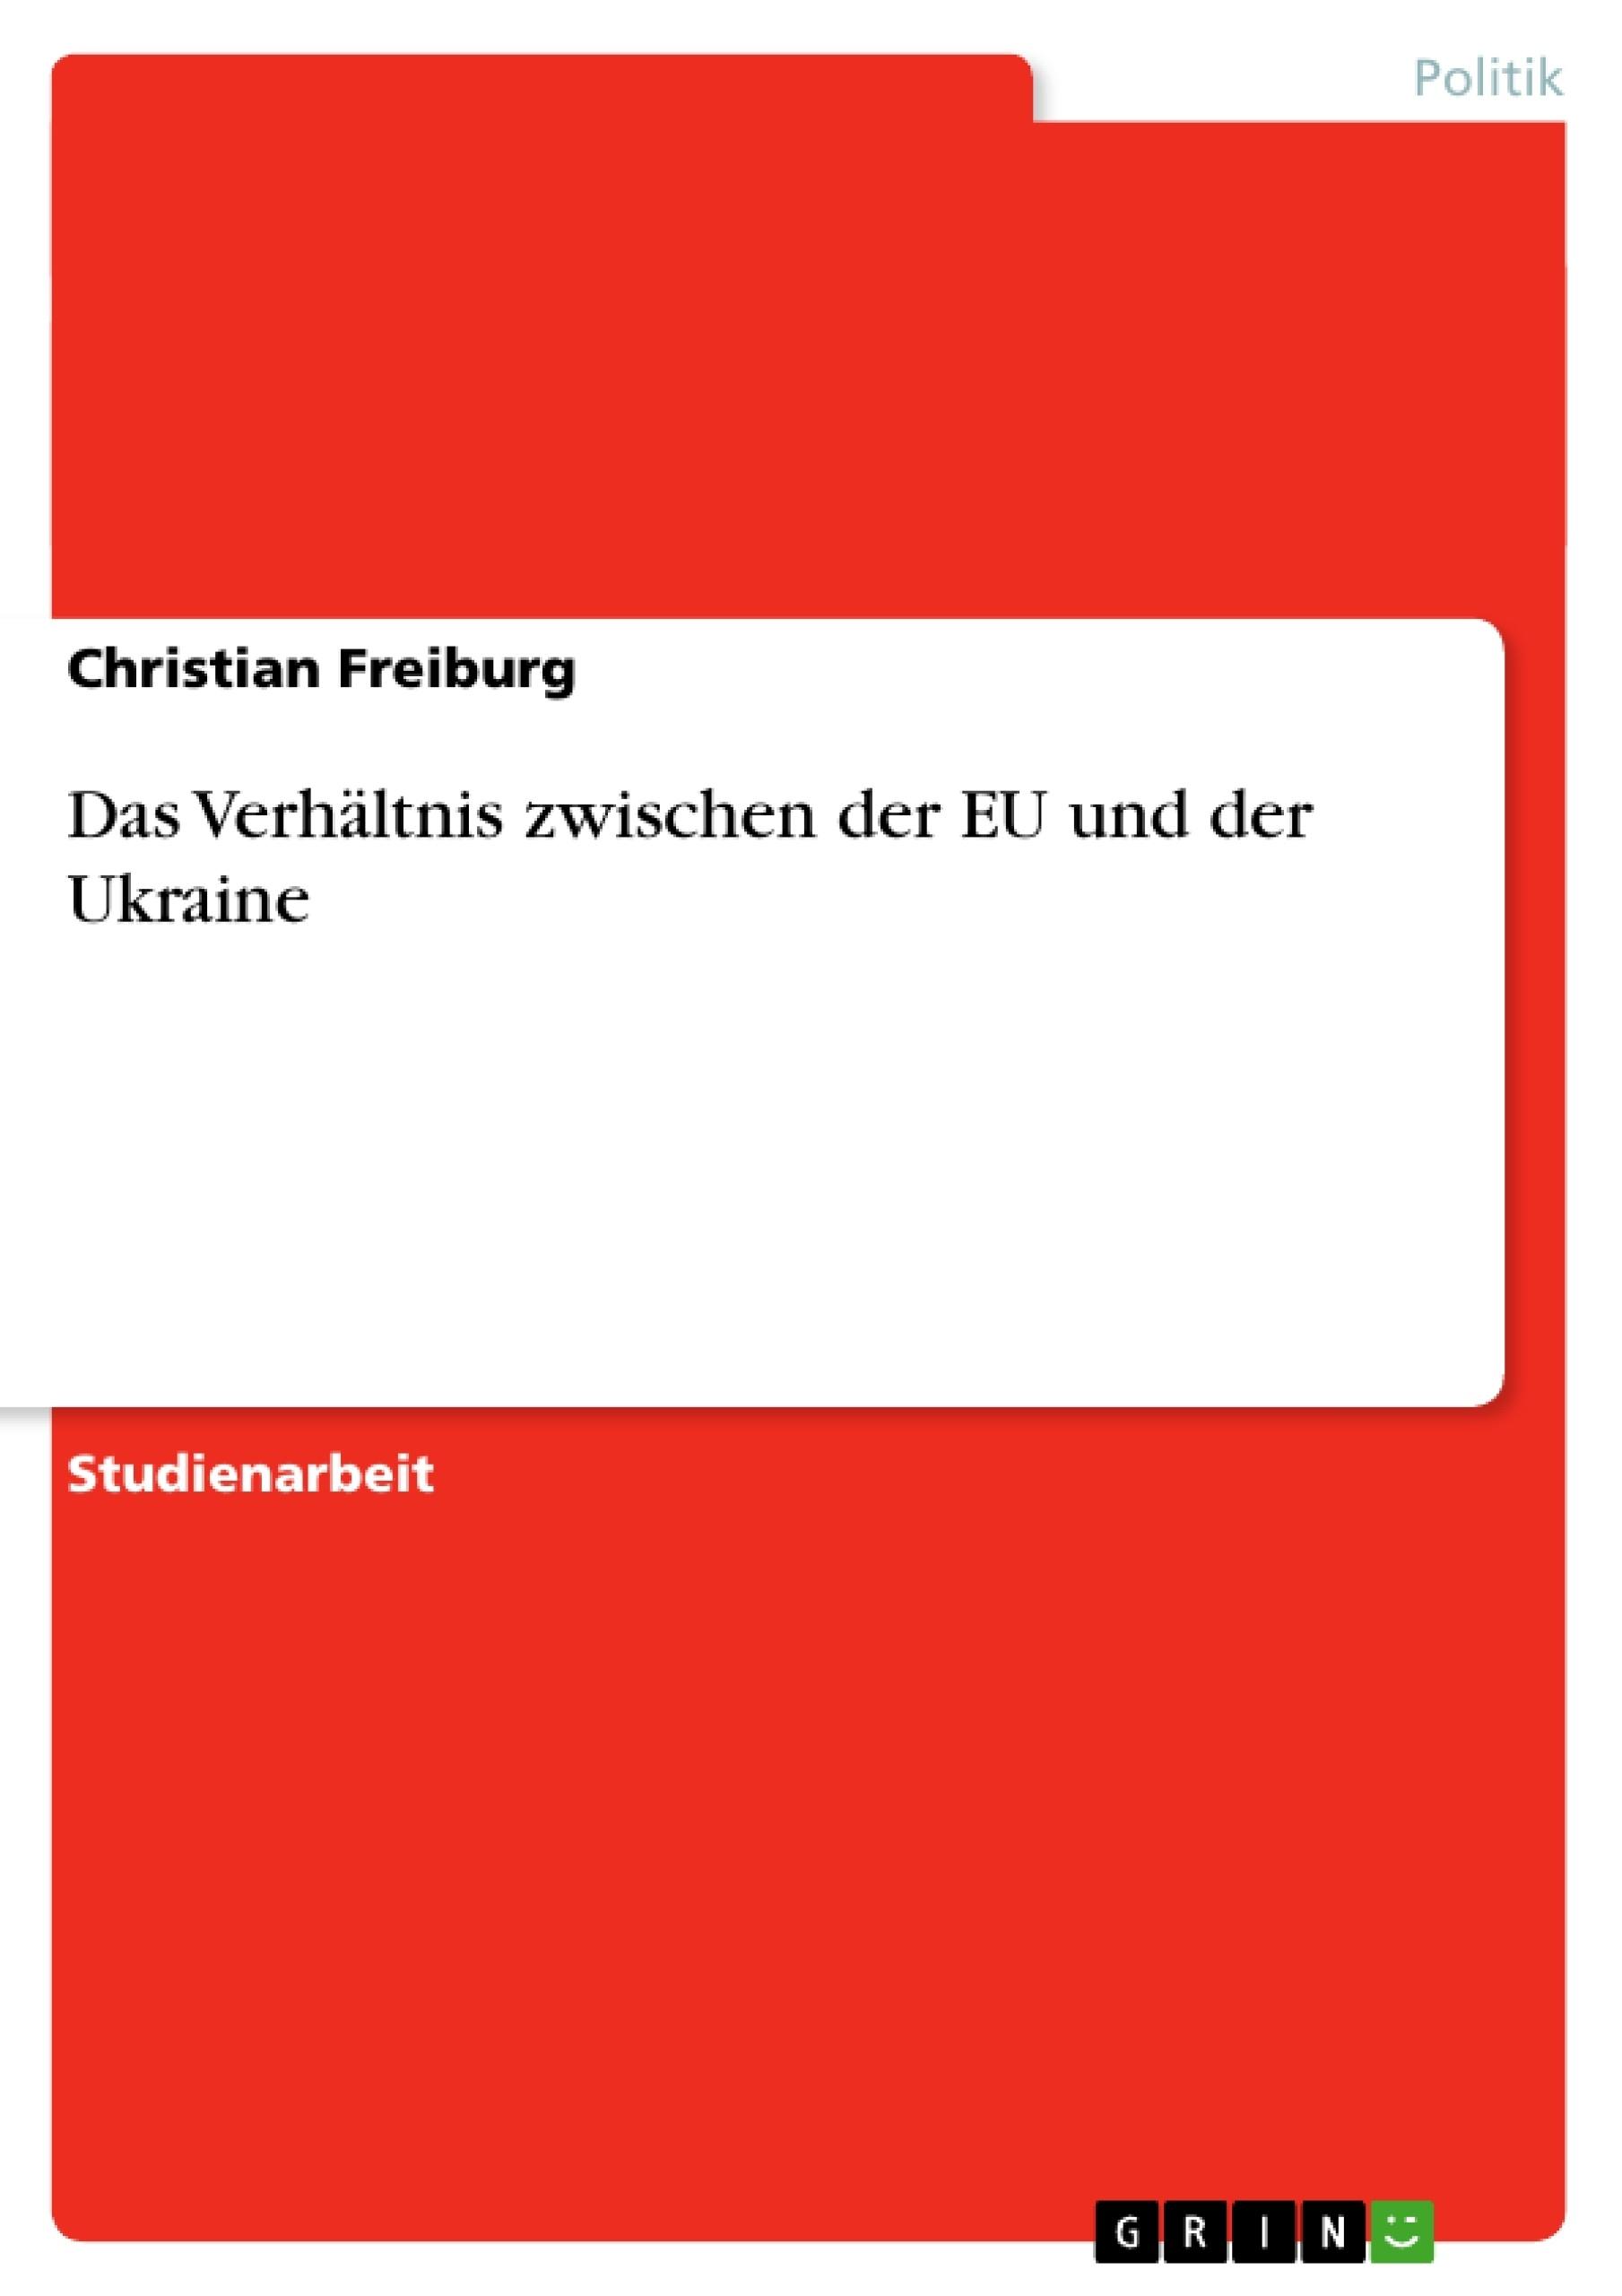 Titel: Das Verhältnis zwischen der EU und der Ukraine